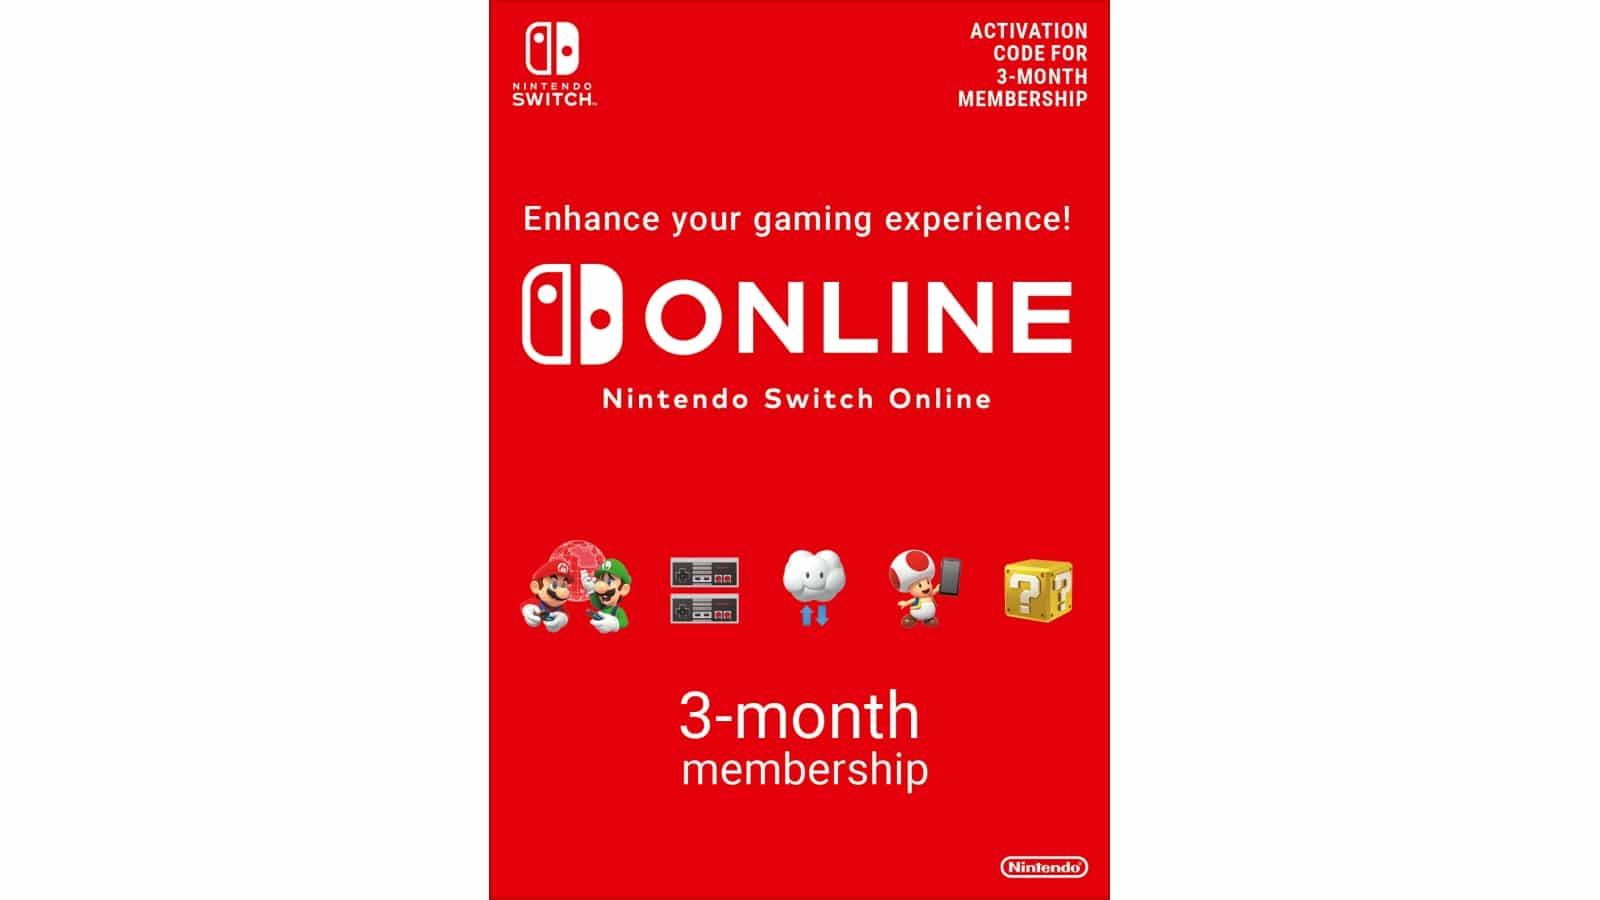 נינטנדו סוויץ' אונליין - Nintendo Switch Online - מנוי 90 יום